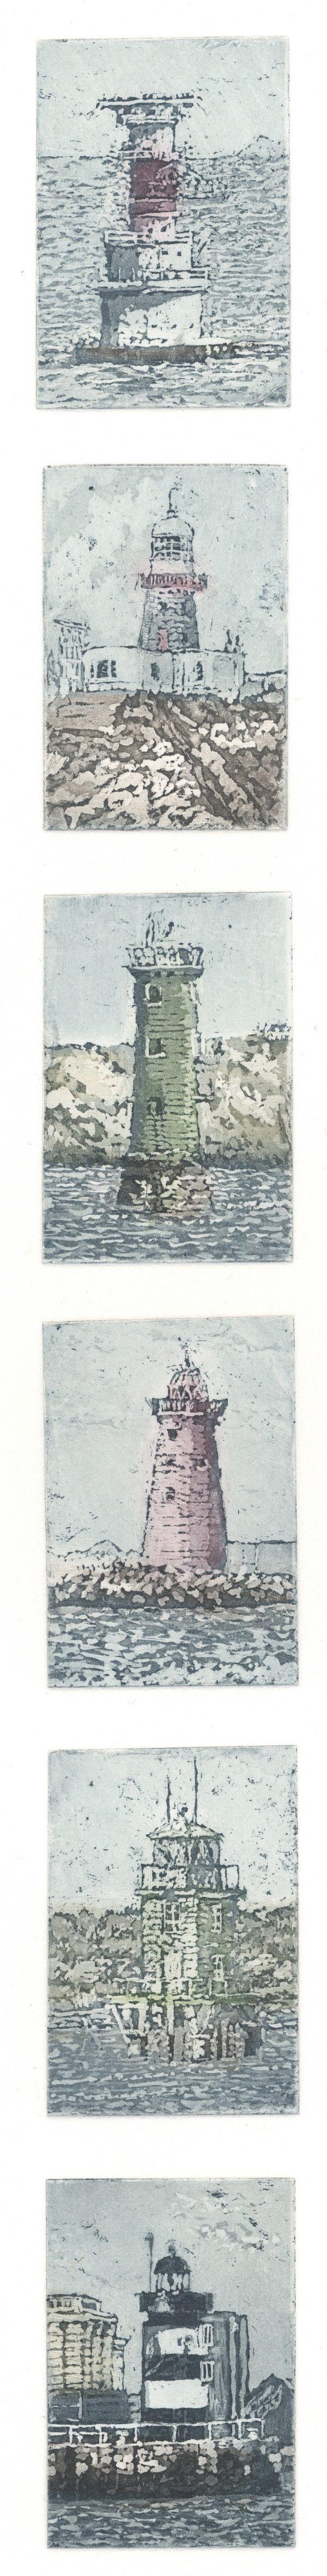 Graphic Studio Dublin: Susan Early, Dublin Bay, Lighthouses